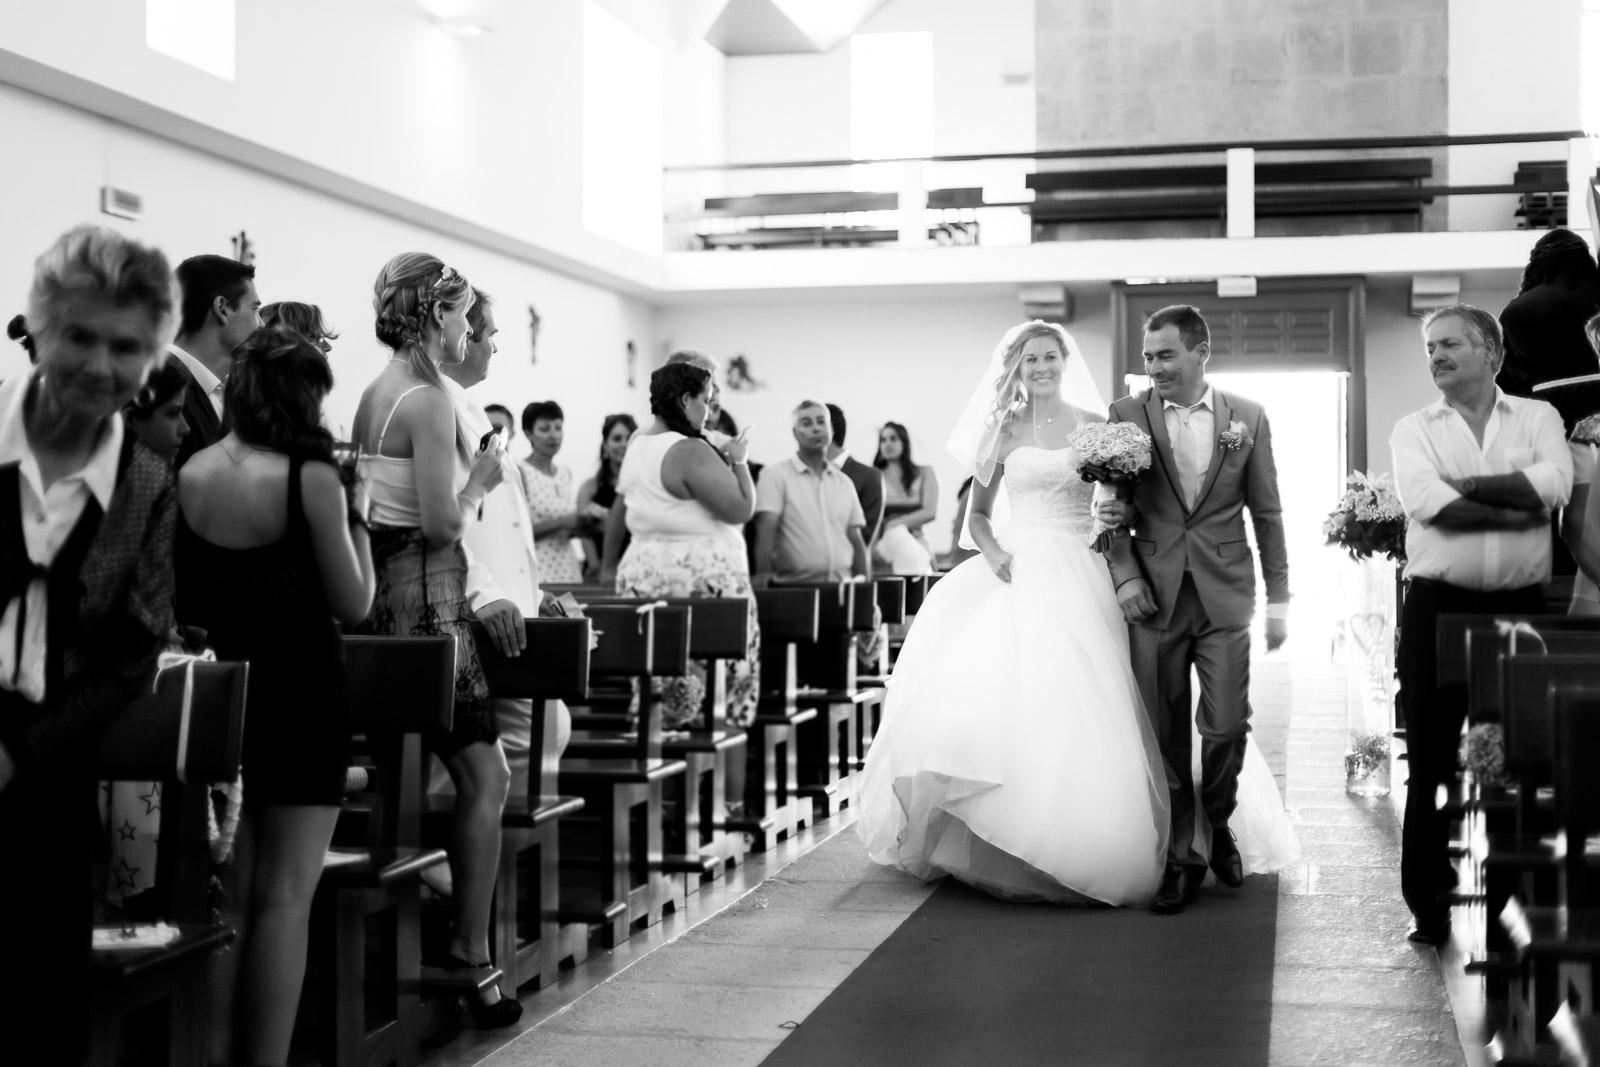 Entrée de la mariée au bras de son père a l'église de Queiriga au Portugal